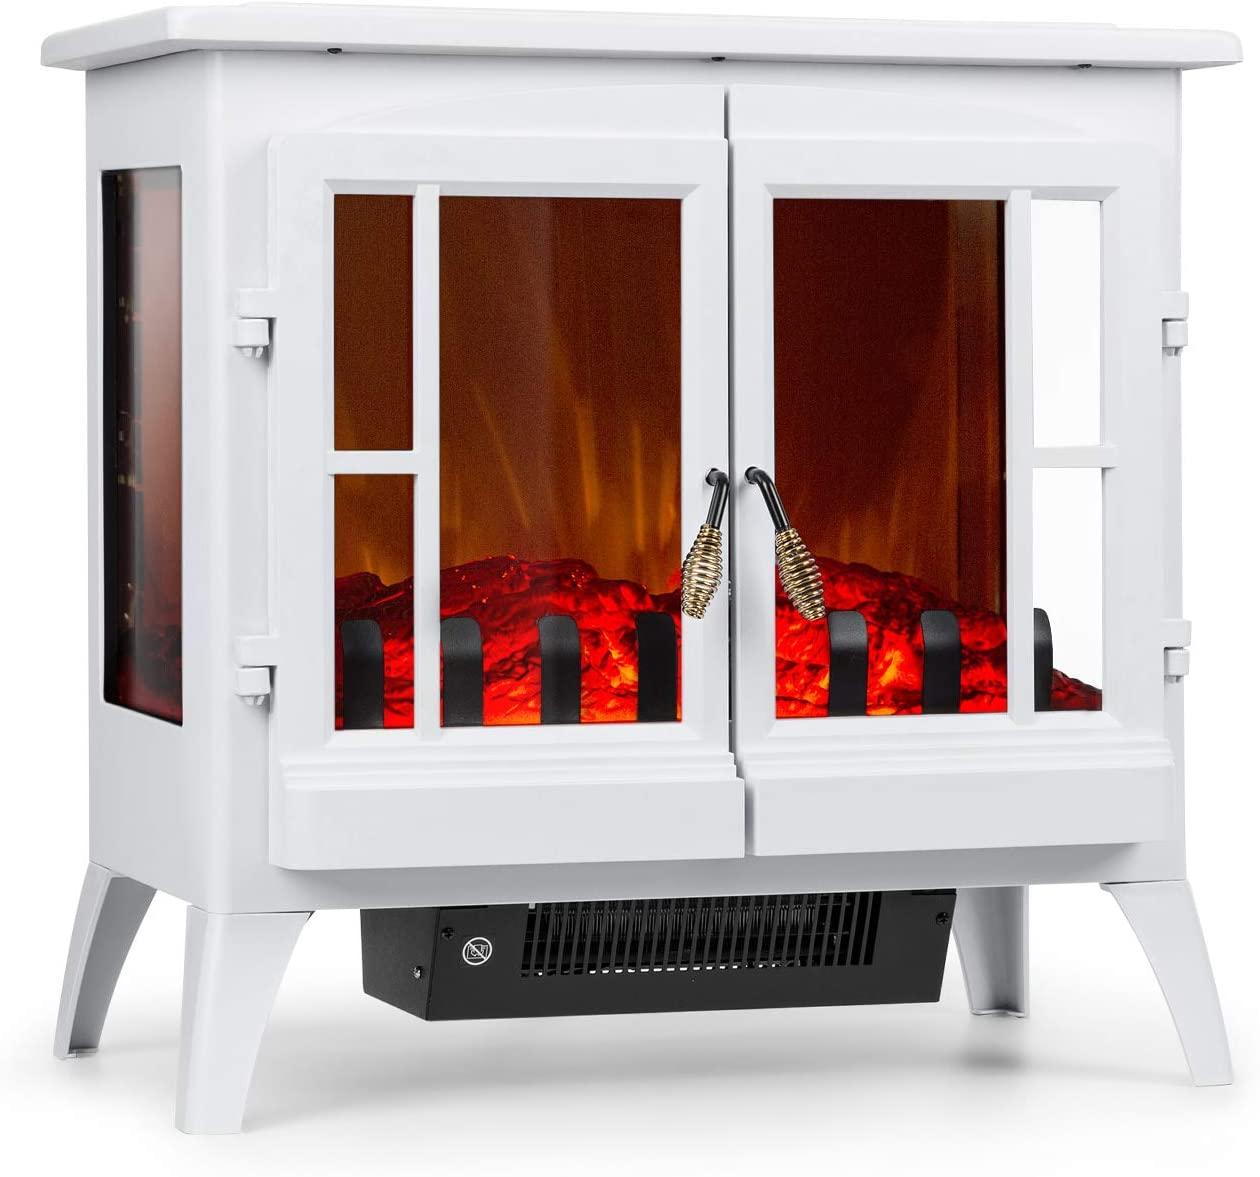 Klarstein Innsbruck Chimenea eléctrica Llama simulada - Chimenea electrónica, 1000/2000 W, para 30 m², Termostato, Función calefactora, Calefacción atenuable, Blanco